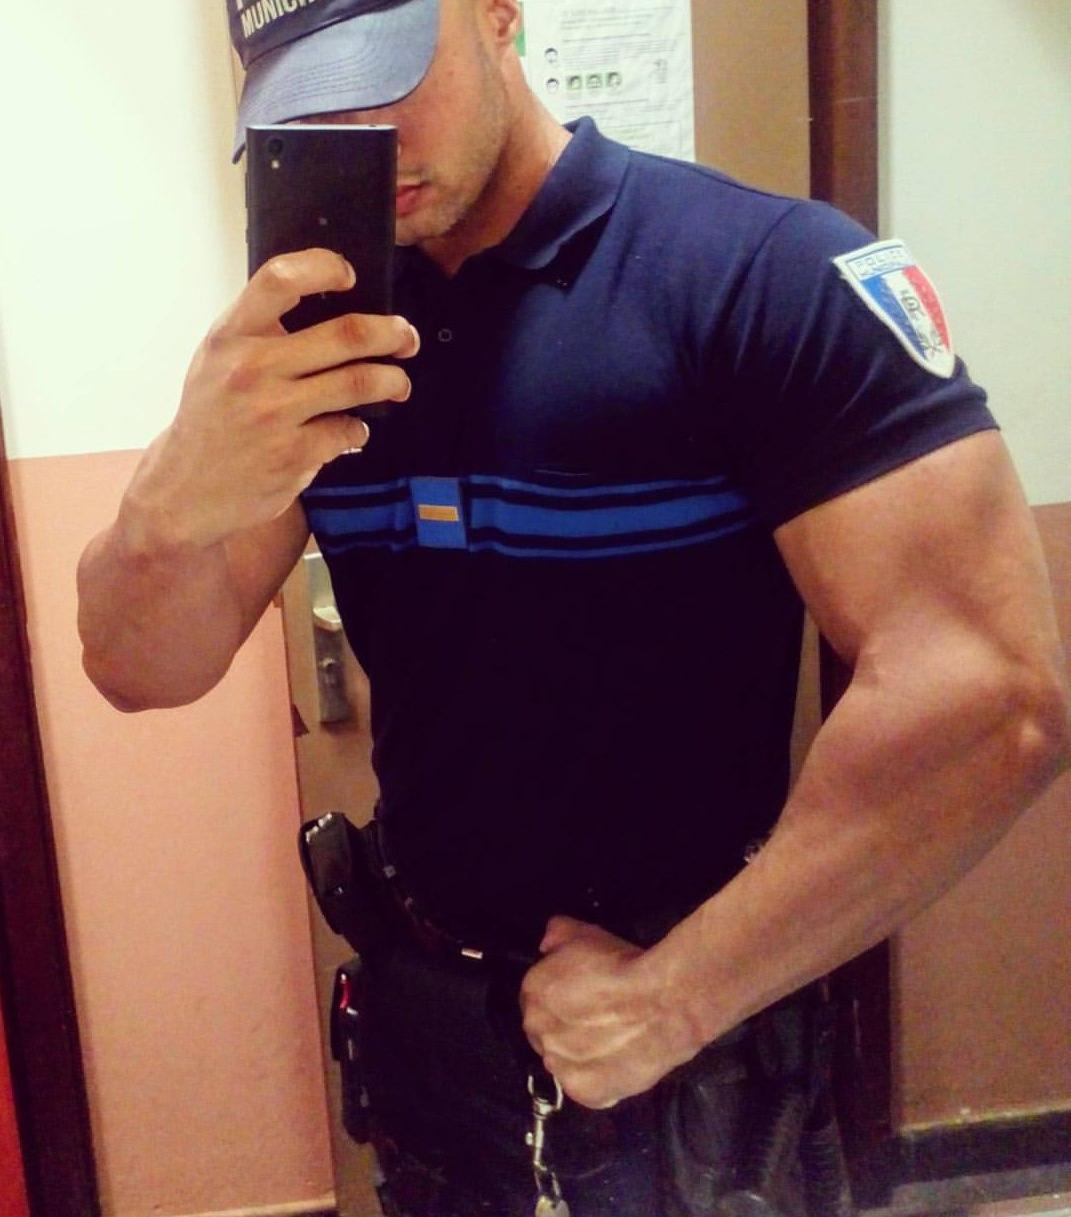 huge-biceps-policeman-hunk-security-anonymous-bro-selfie